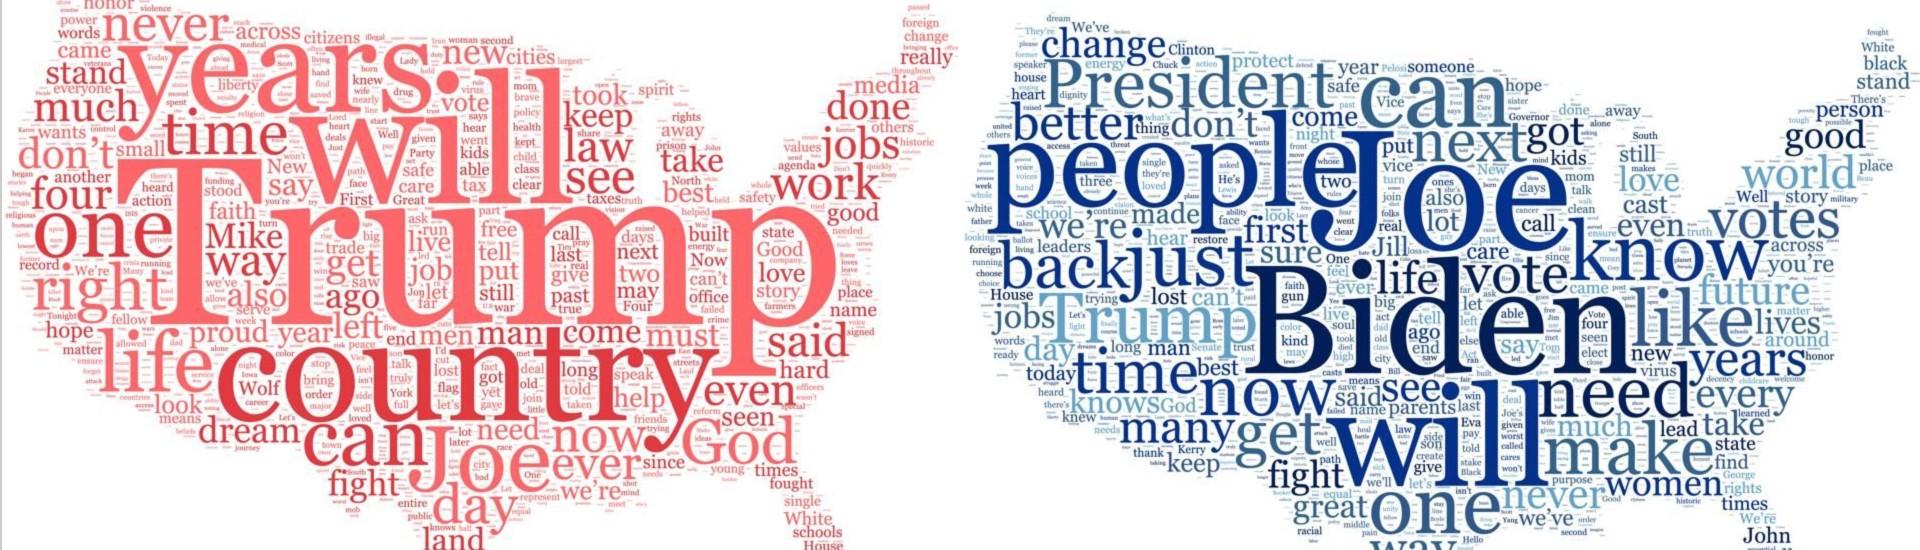 I tag cloud sono una raccolta delle parole chiave emerse dalle due convention, repubblicana e democratica, che si sono svolte a fine agosto